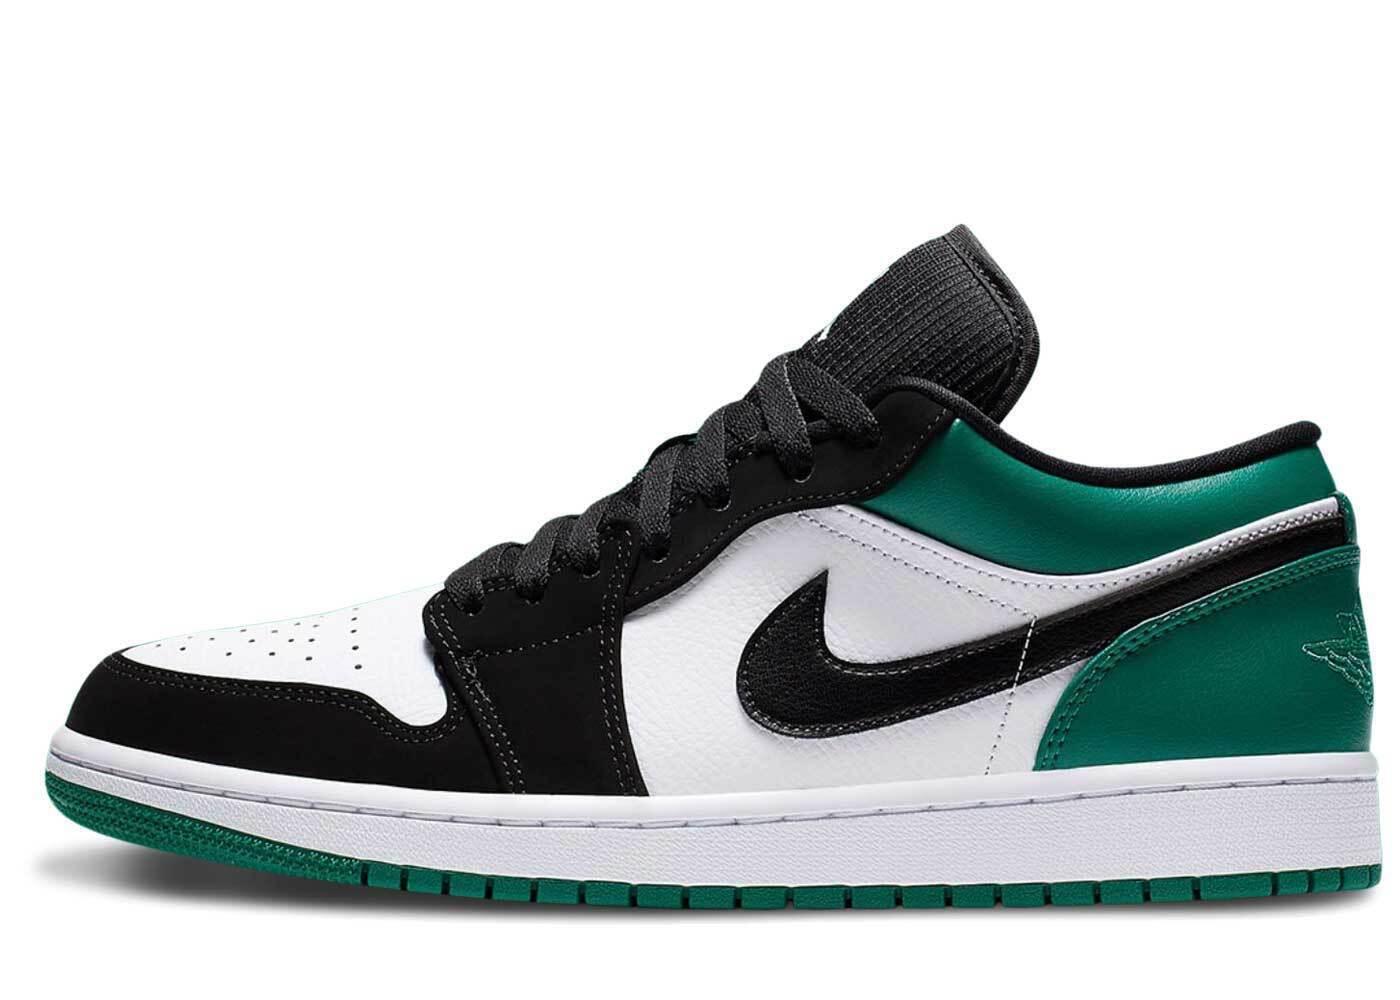 Nike Air Jordan 1 Low Mystic Greenの写真